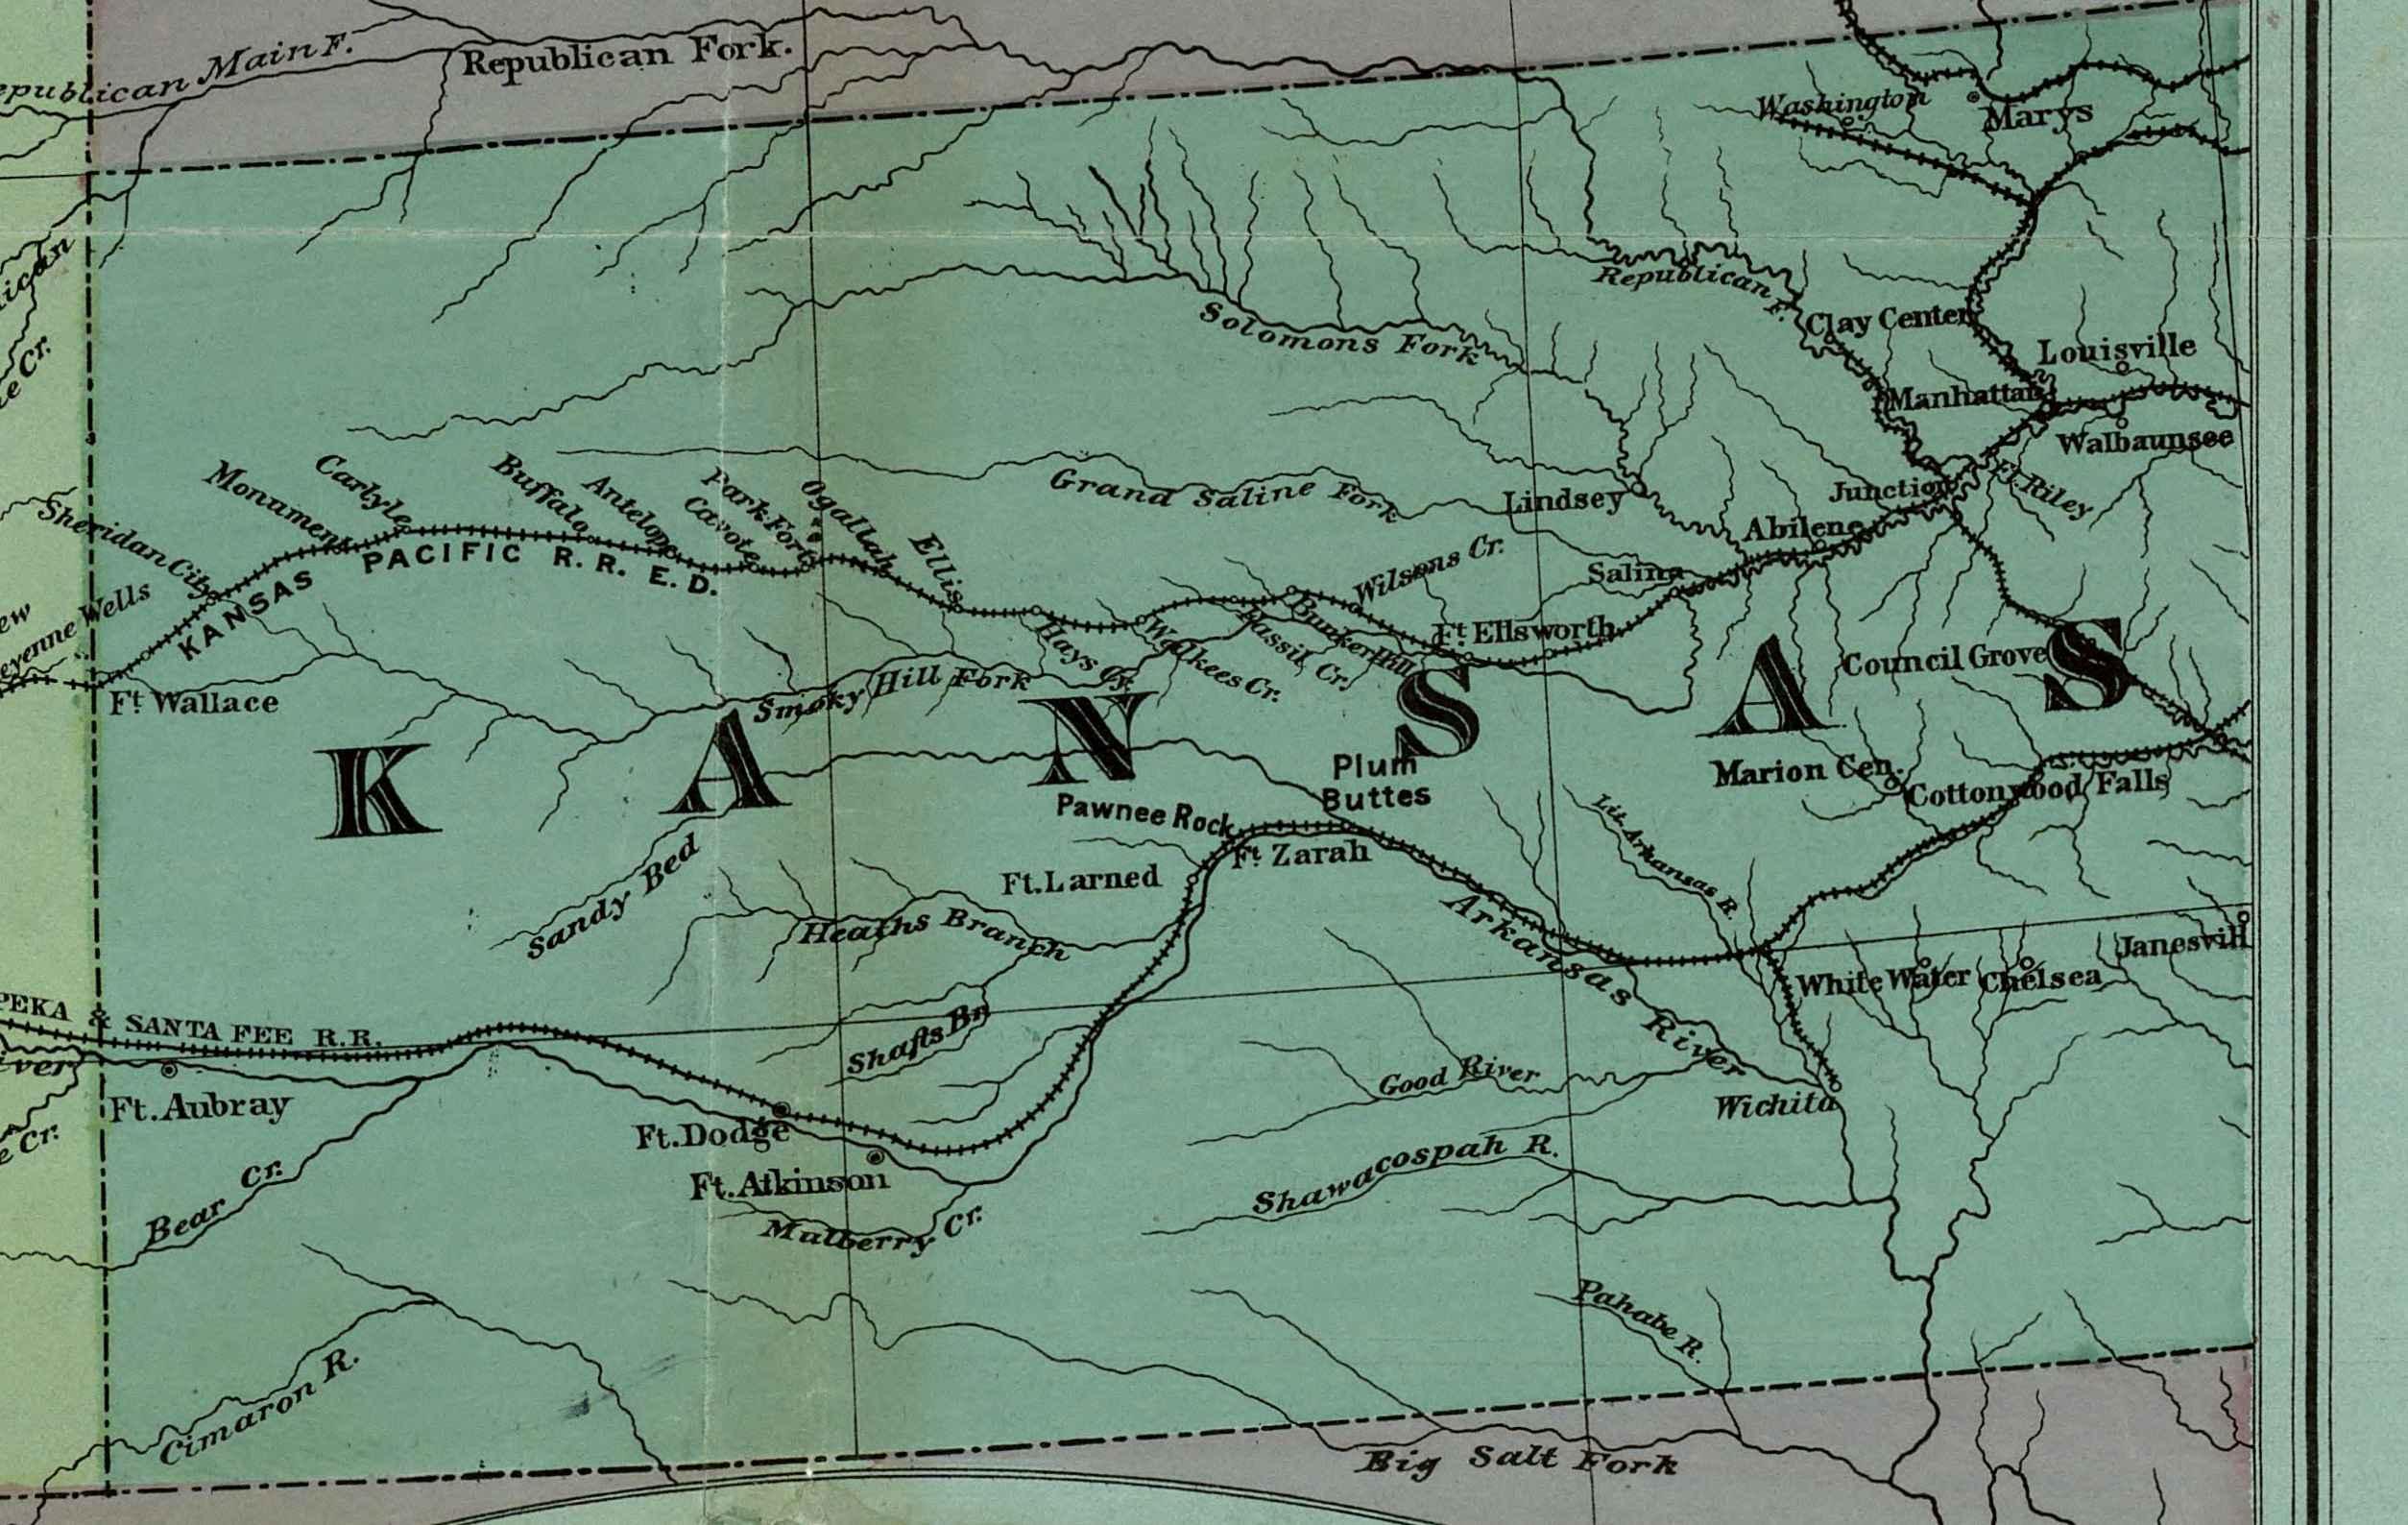 The USGenWeb Archives Digital Map Liry - Kansas Maps Index. on nevada map, arkansas map, louisiana map, southern utah map, michigan map, dallas map, hawaii map, new jersey map, kentucky map, mississippi map, wichita map, illinois map, california map, ohio map, arizona map, missouri map, maine map, montana map, oklahoma map, maryland map, wisconsin map, iowa map, tennessee map, florida map, topeka map, colorado map, buffalo map, nebraska map, texas map, indiana map, minnesota map, neosho county map, new york map,